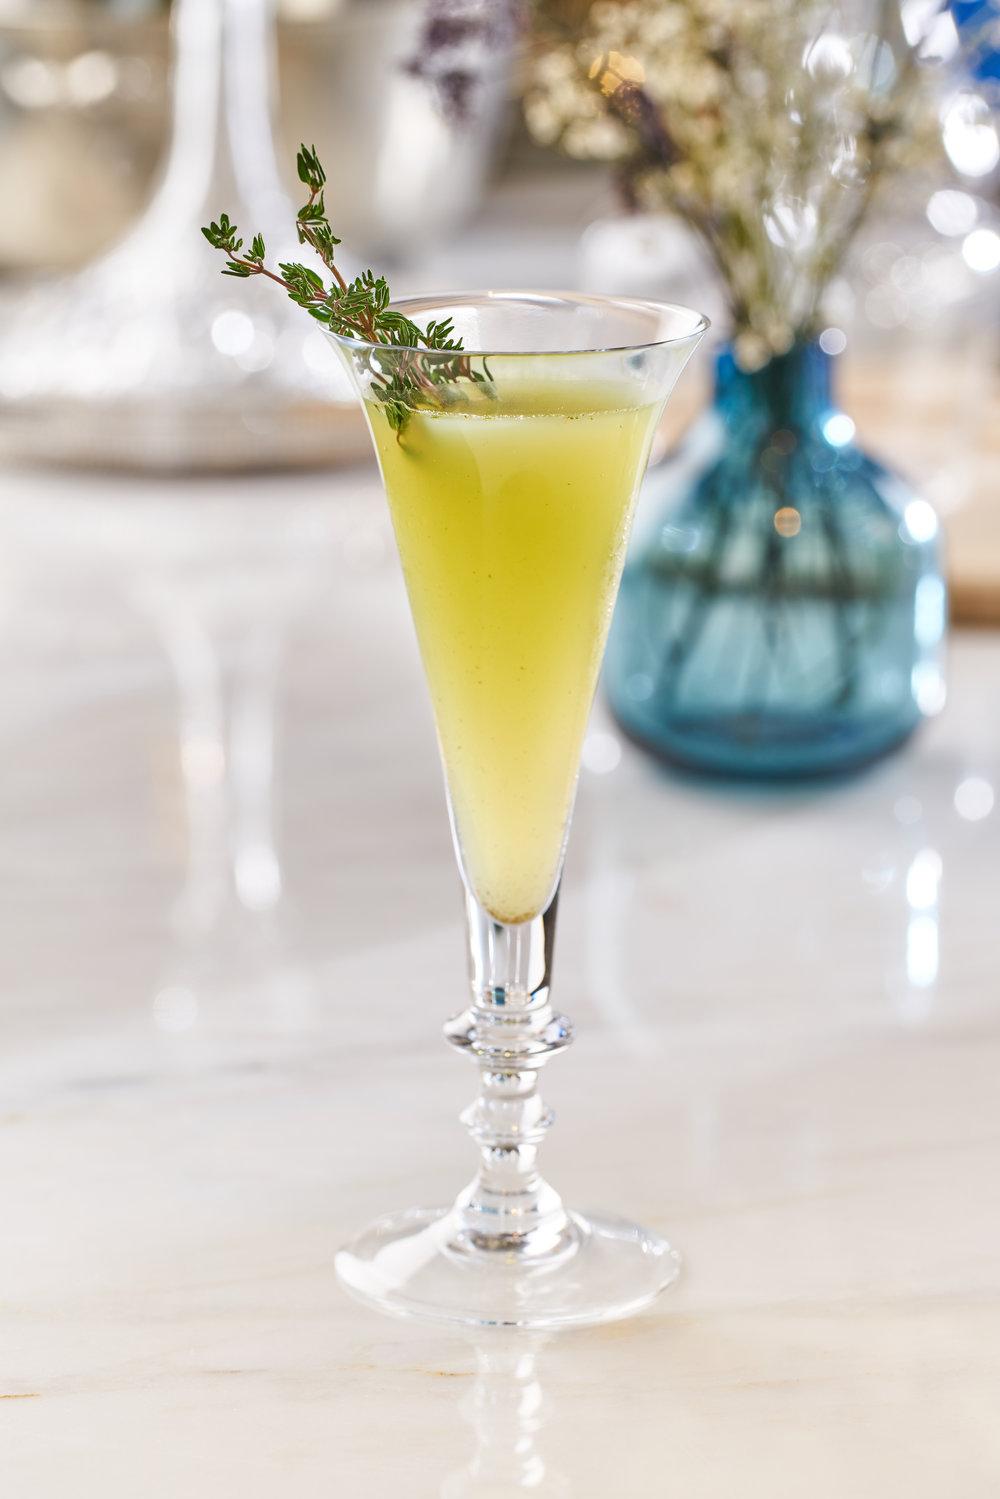 Cocktails at Blau Blanc, Dubai | Gypsy Chef .jpg